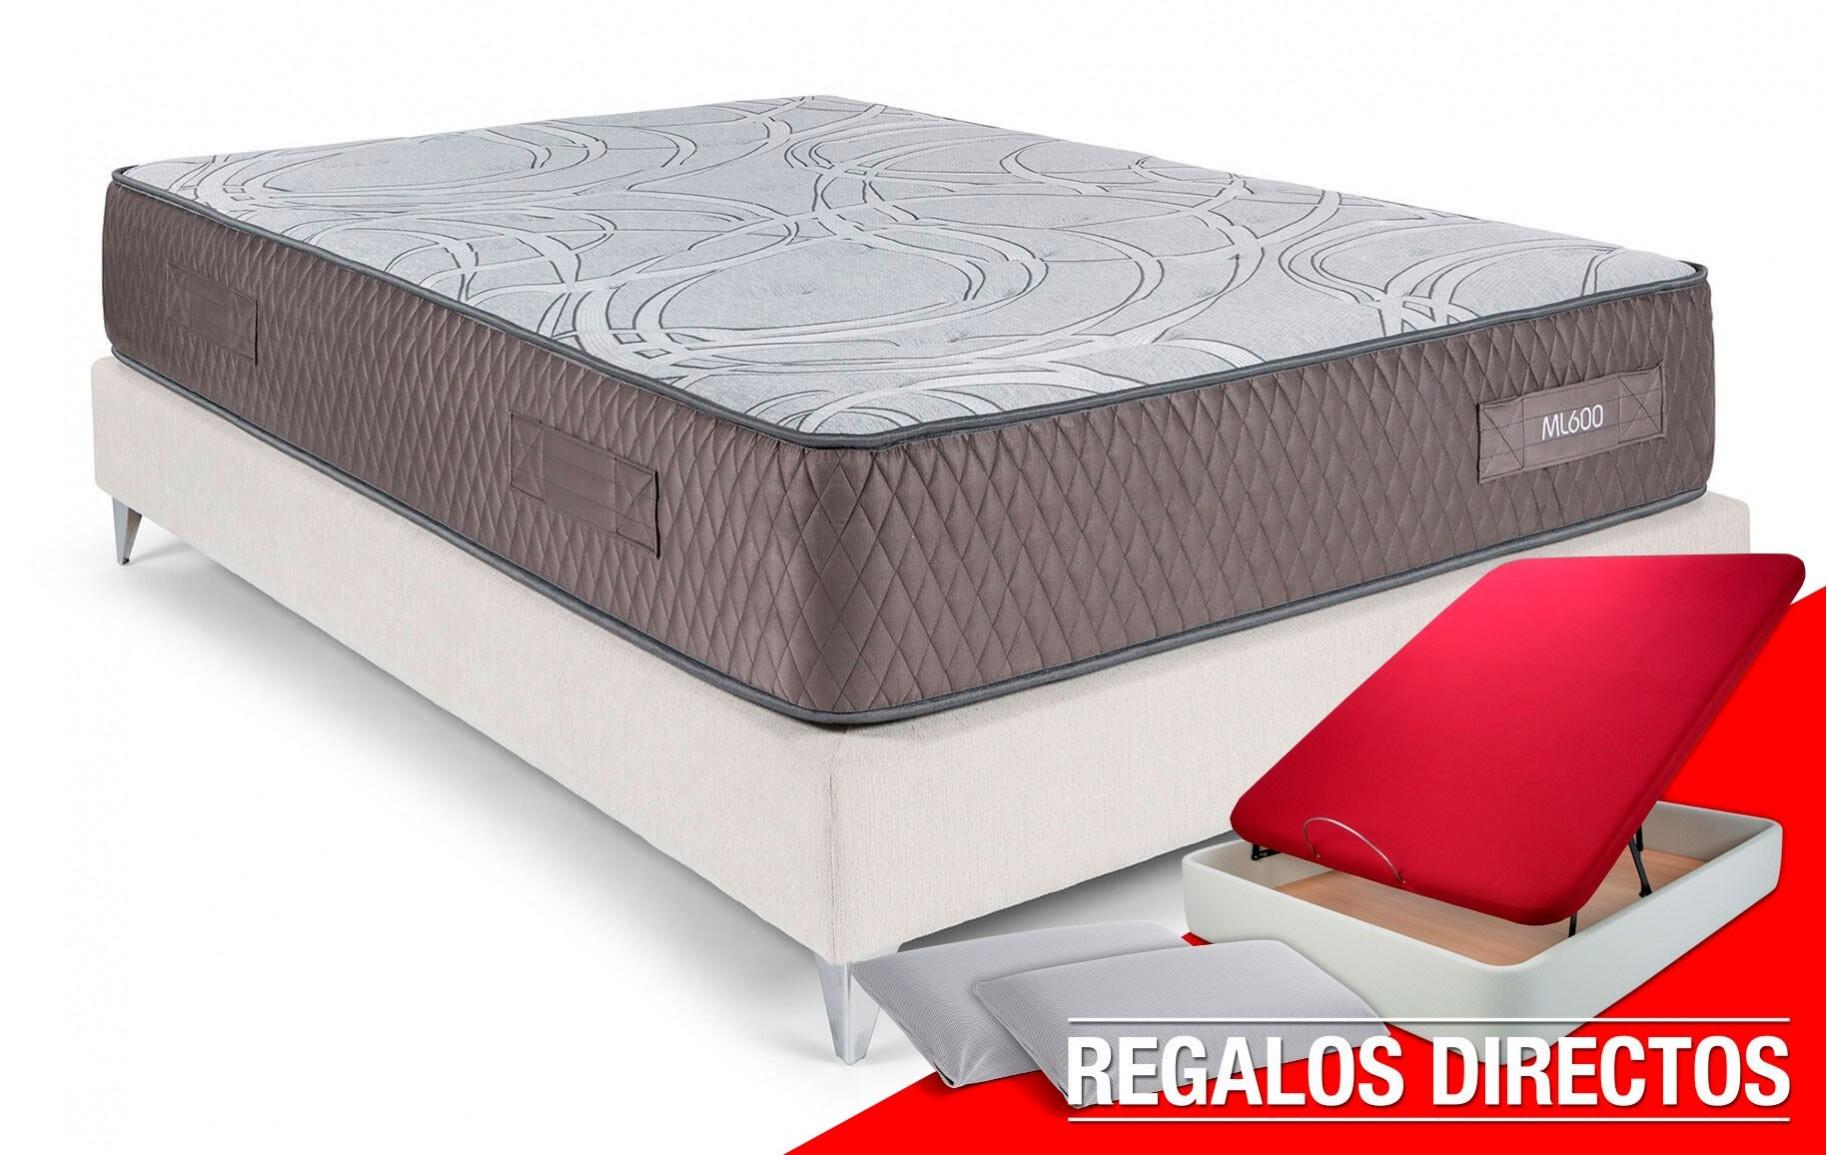 Colchon Viscoelastico Ml600 Adaptabilidad Y Confort Bedland ~ Los Mejores Colchones Para La Espalda